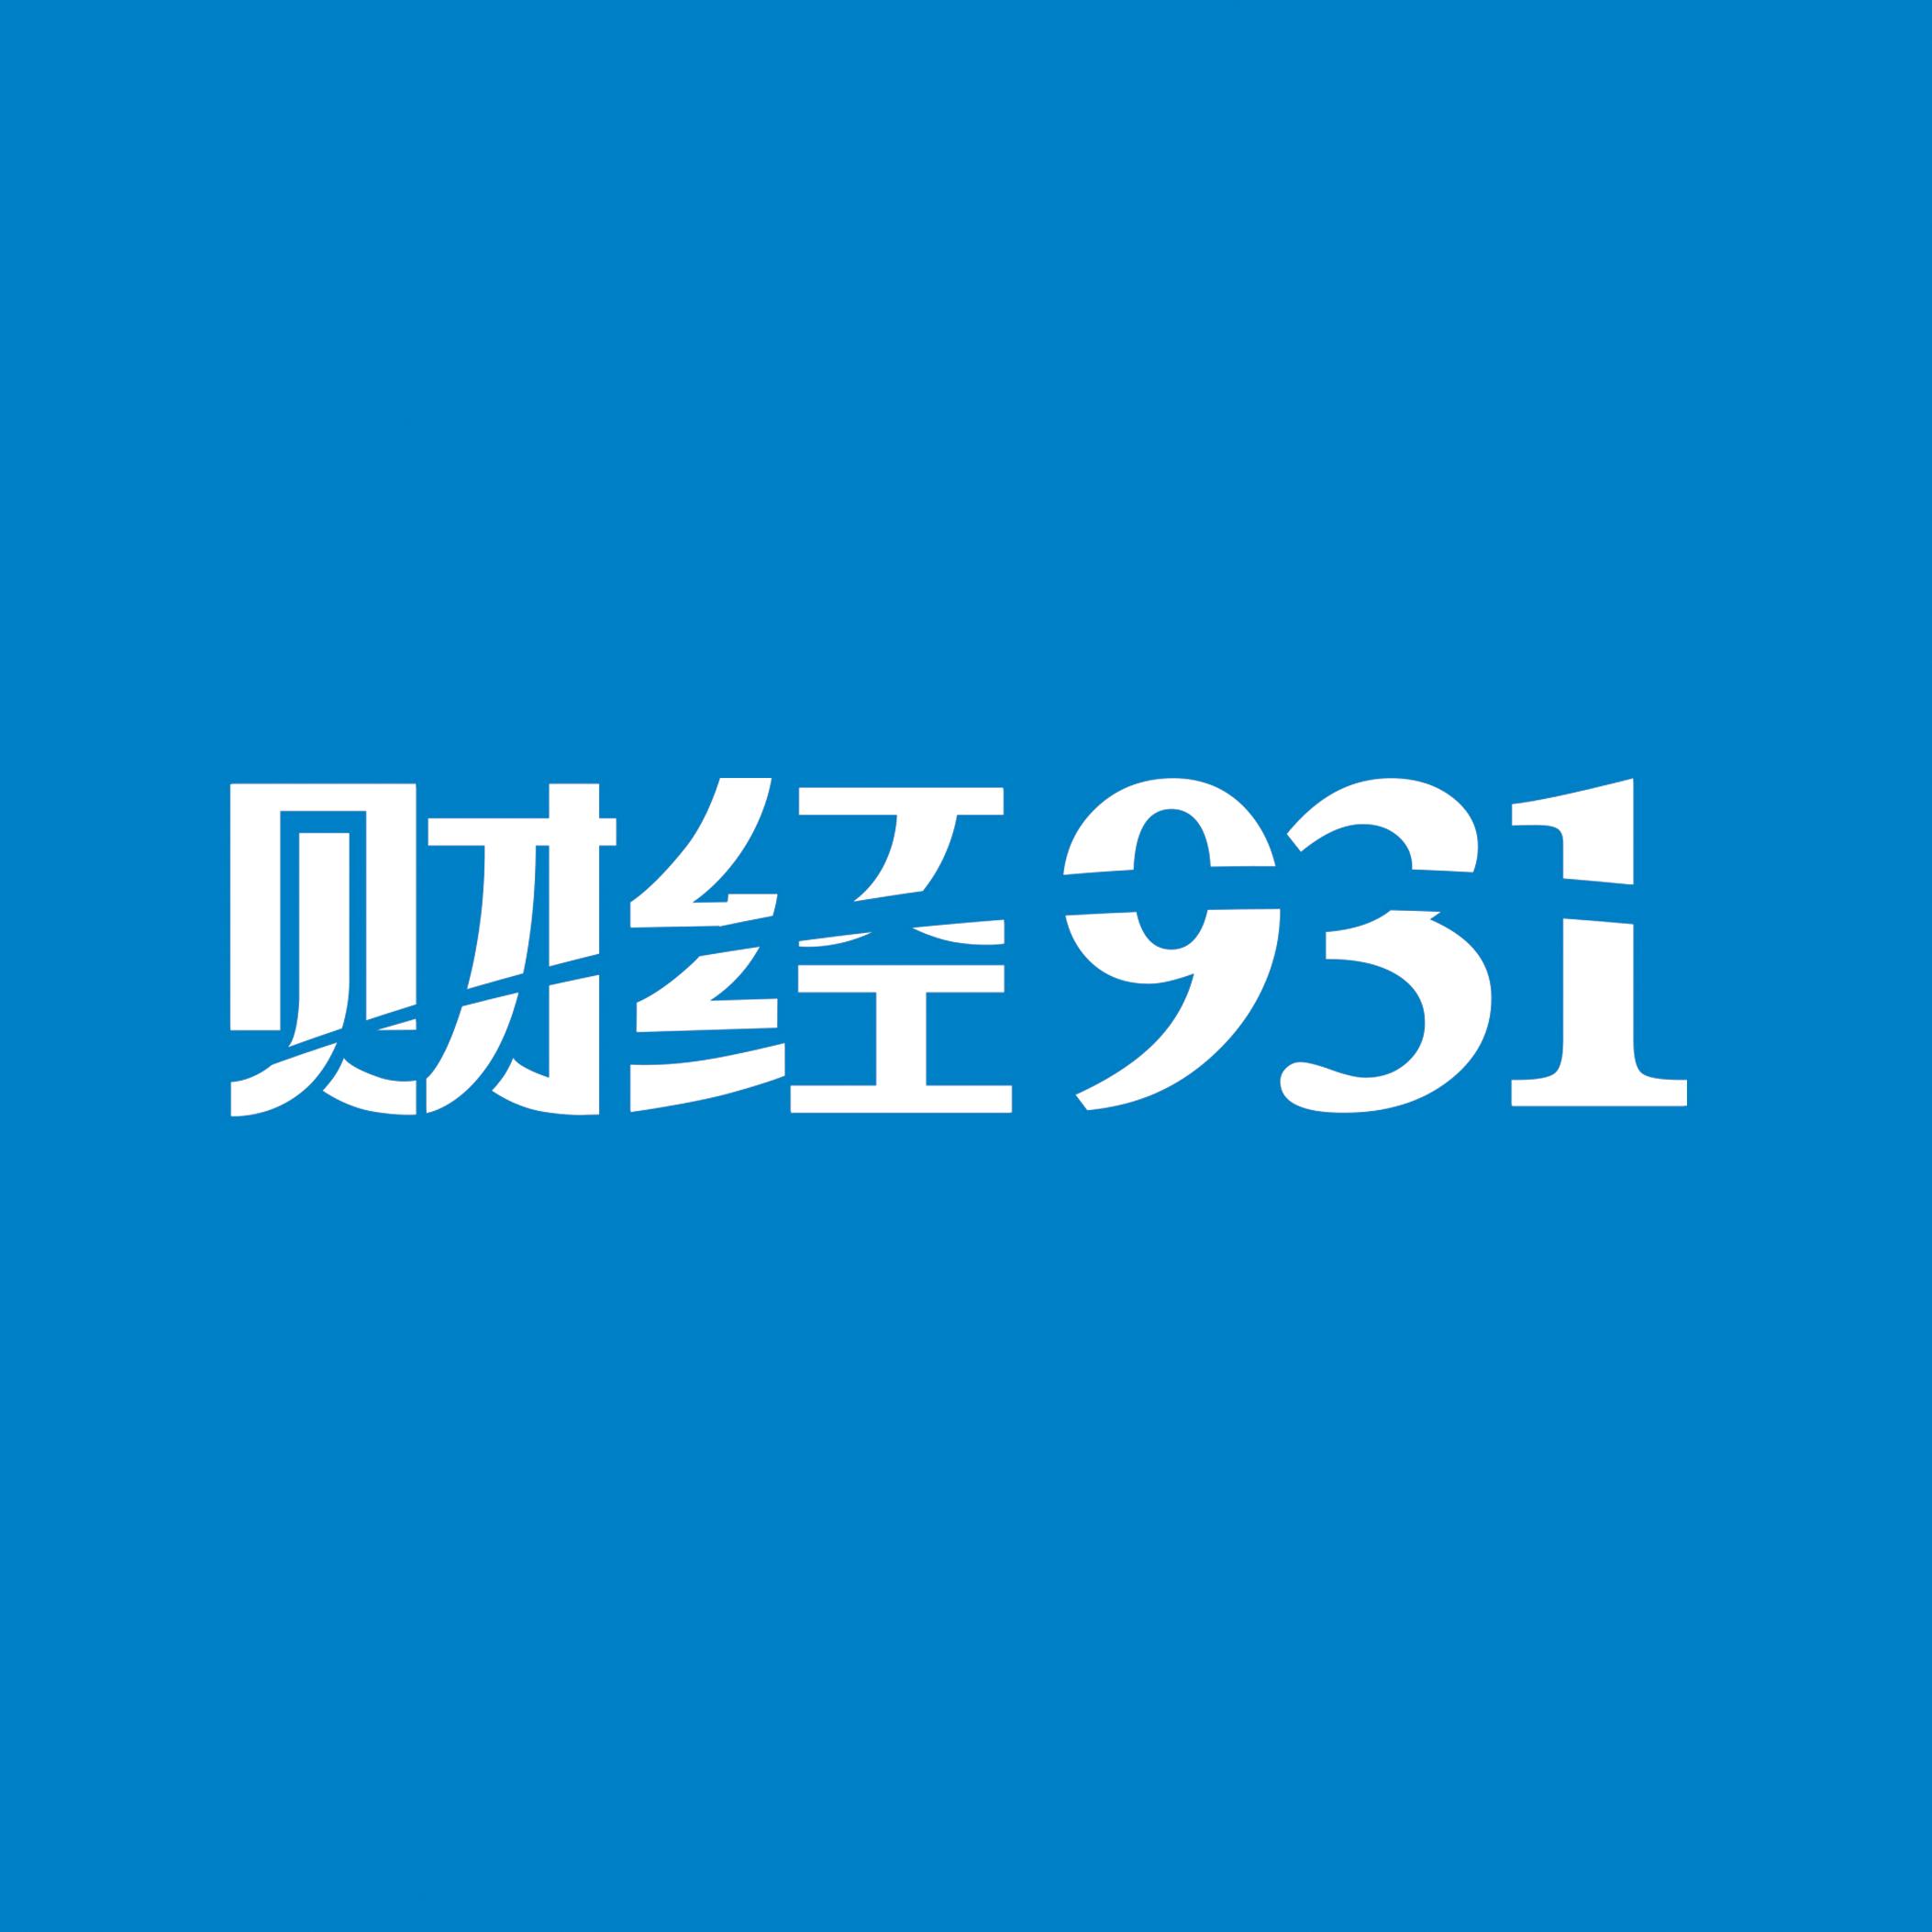 财经931